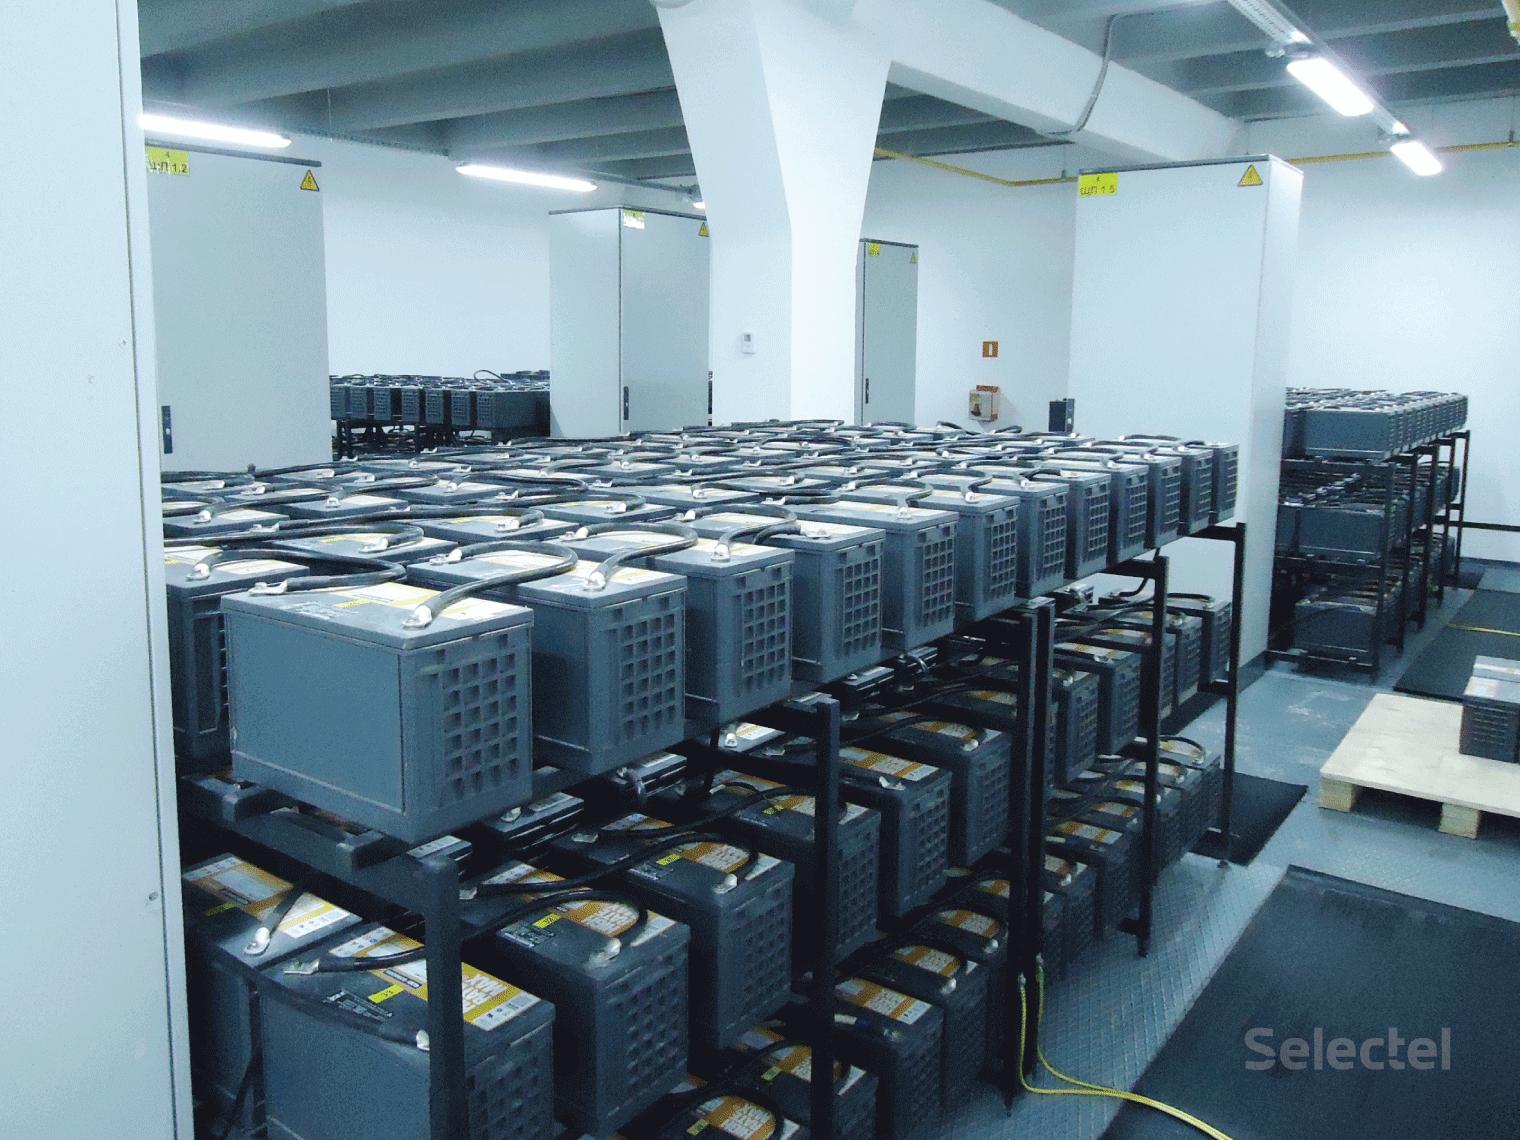 Электропитание дата-центра от АКБ (аккумуляторных батарей) в ЦОД Selectel